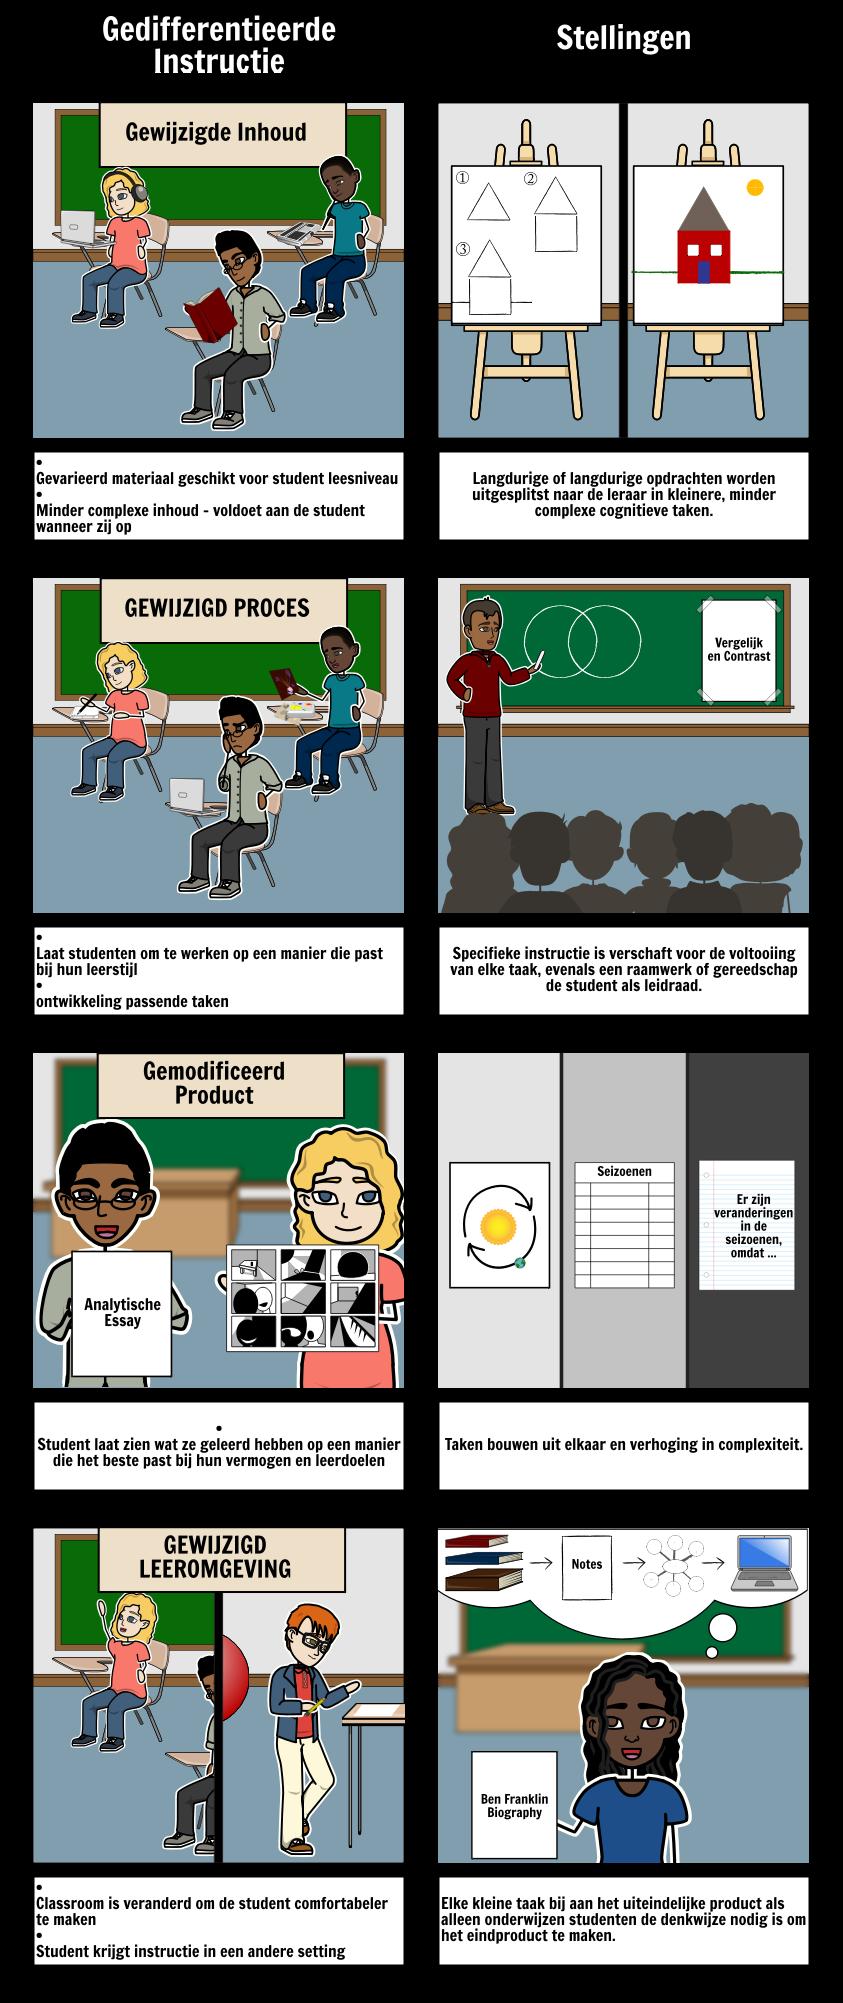 Differentiatie vs. Steigers